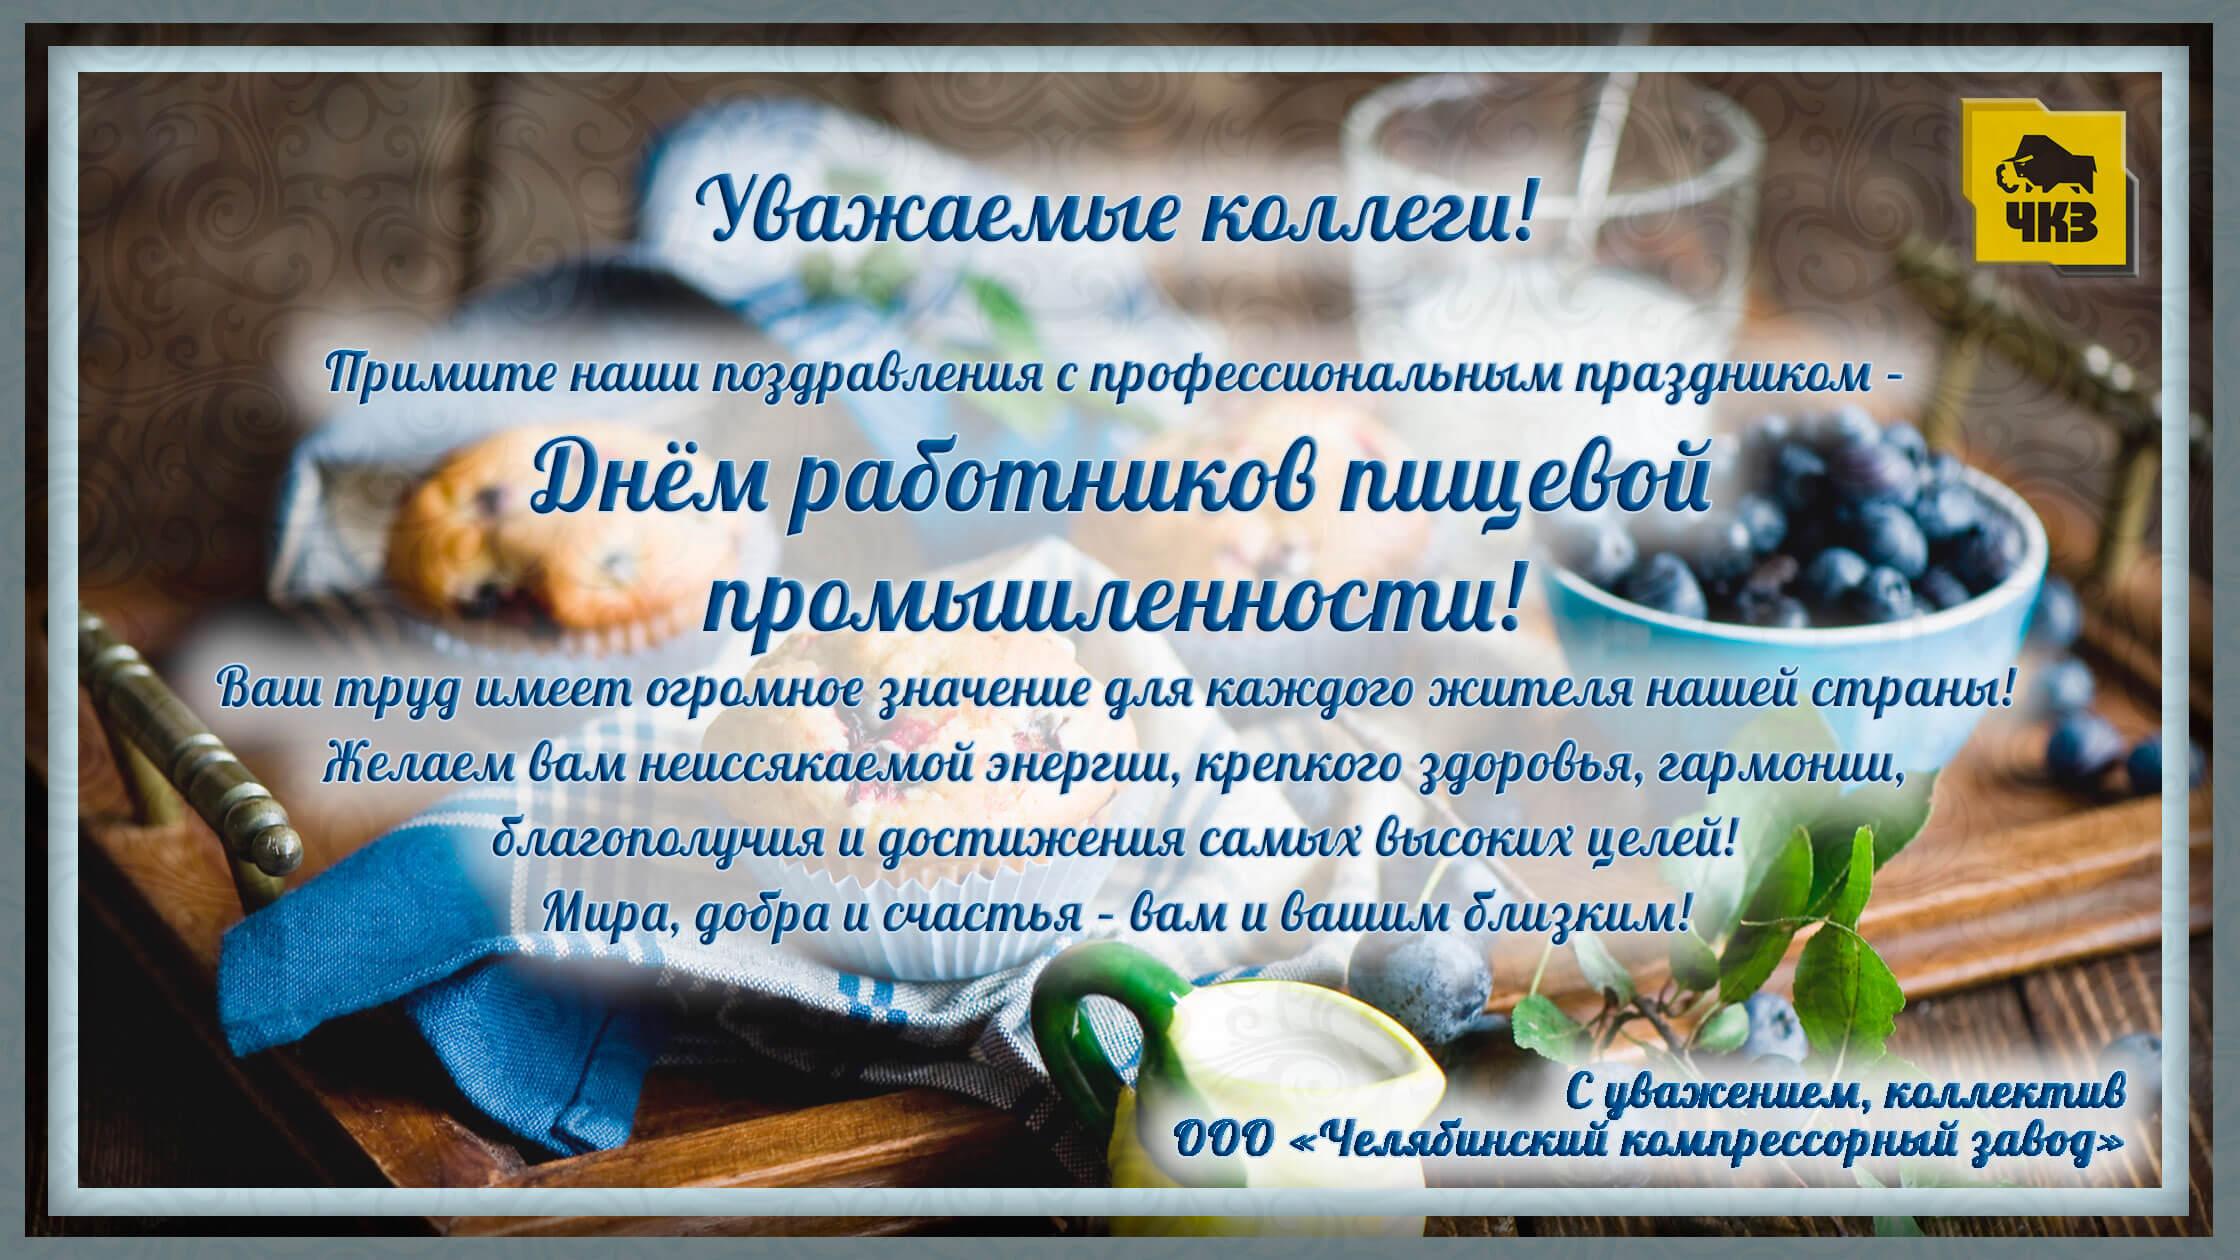 Поздравление с днем рождения для пекаря